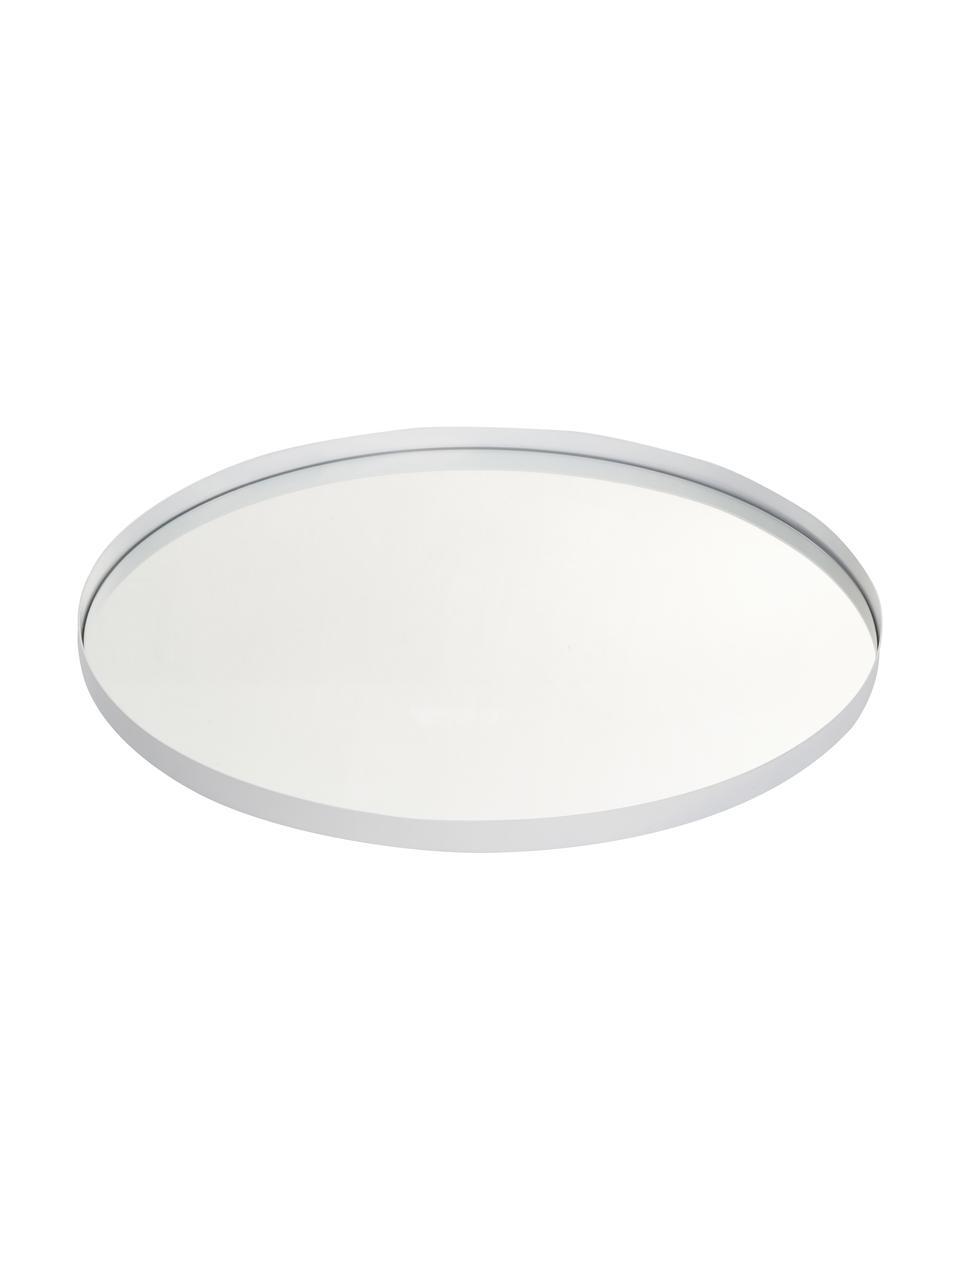 Runder Wandspiegel Ivy mit weißem Metallrahmen, Rahmen: Metall, pulverbeschichtet, Rückseite: Mitteldichte Holzfaserpla, Spiegelfläche: Spiegelglas, Weiß, Ø 55 x T 3 cm